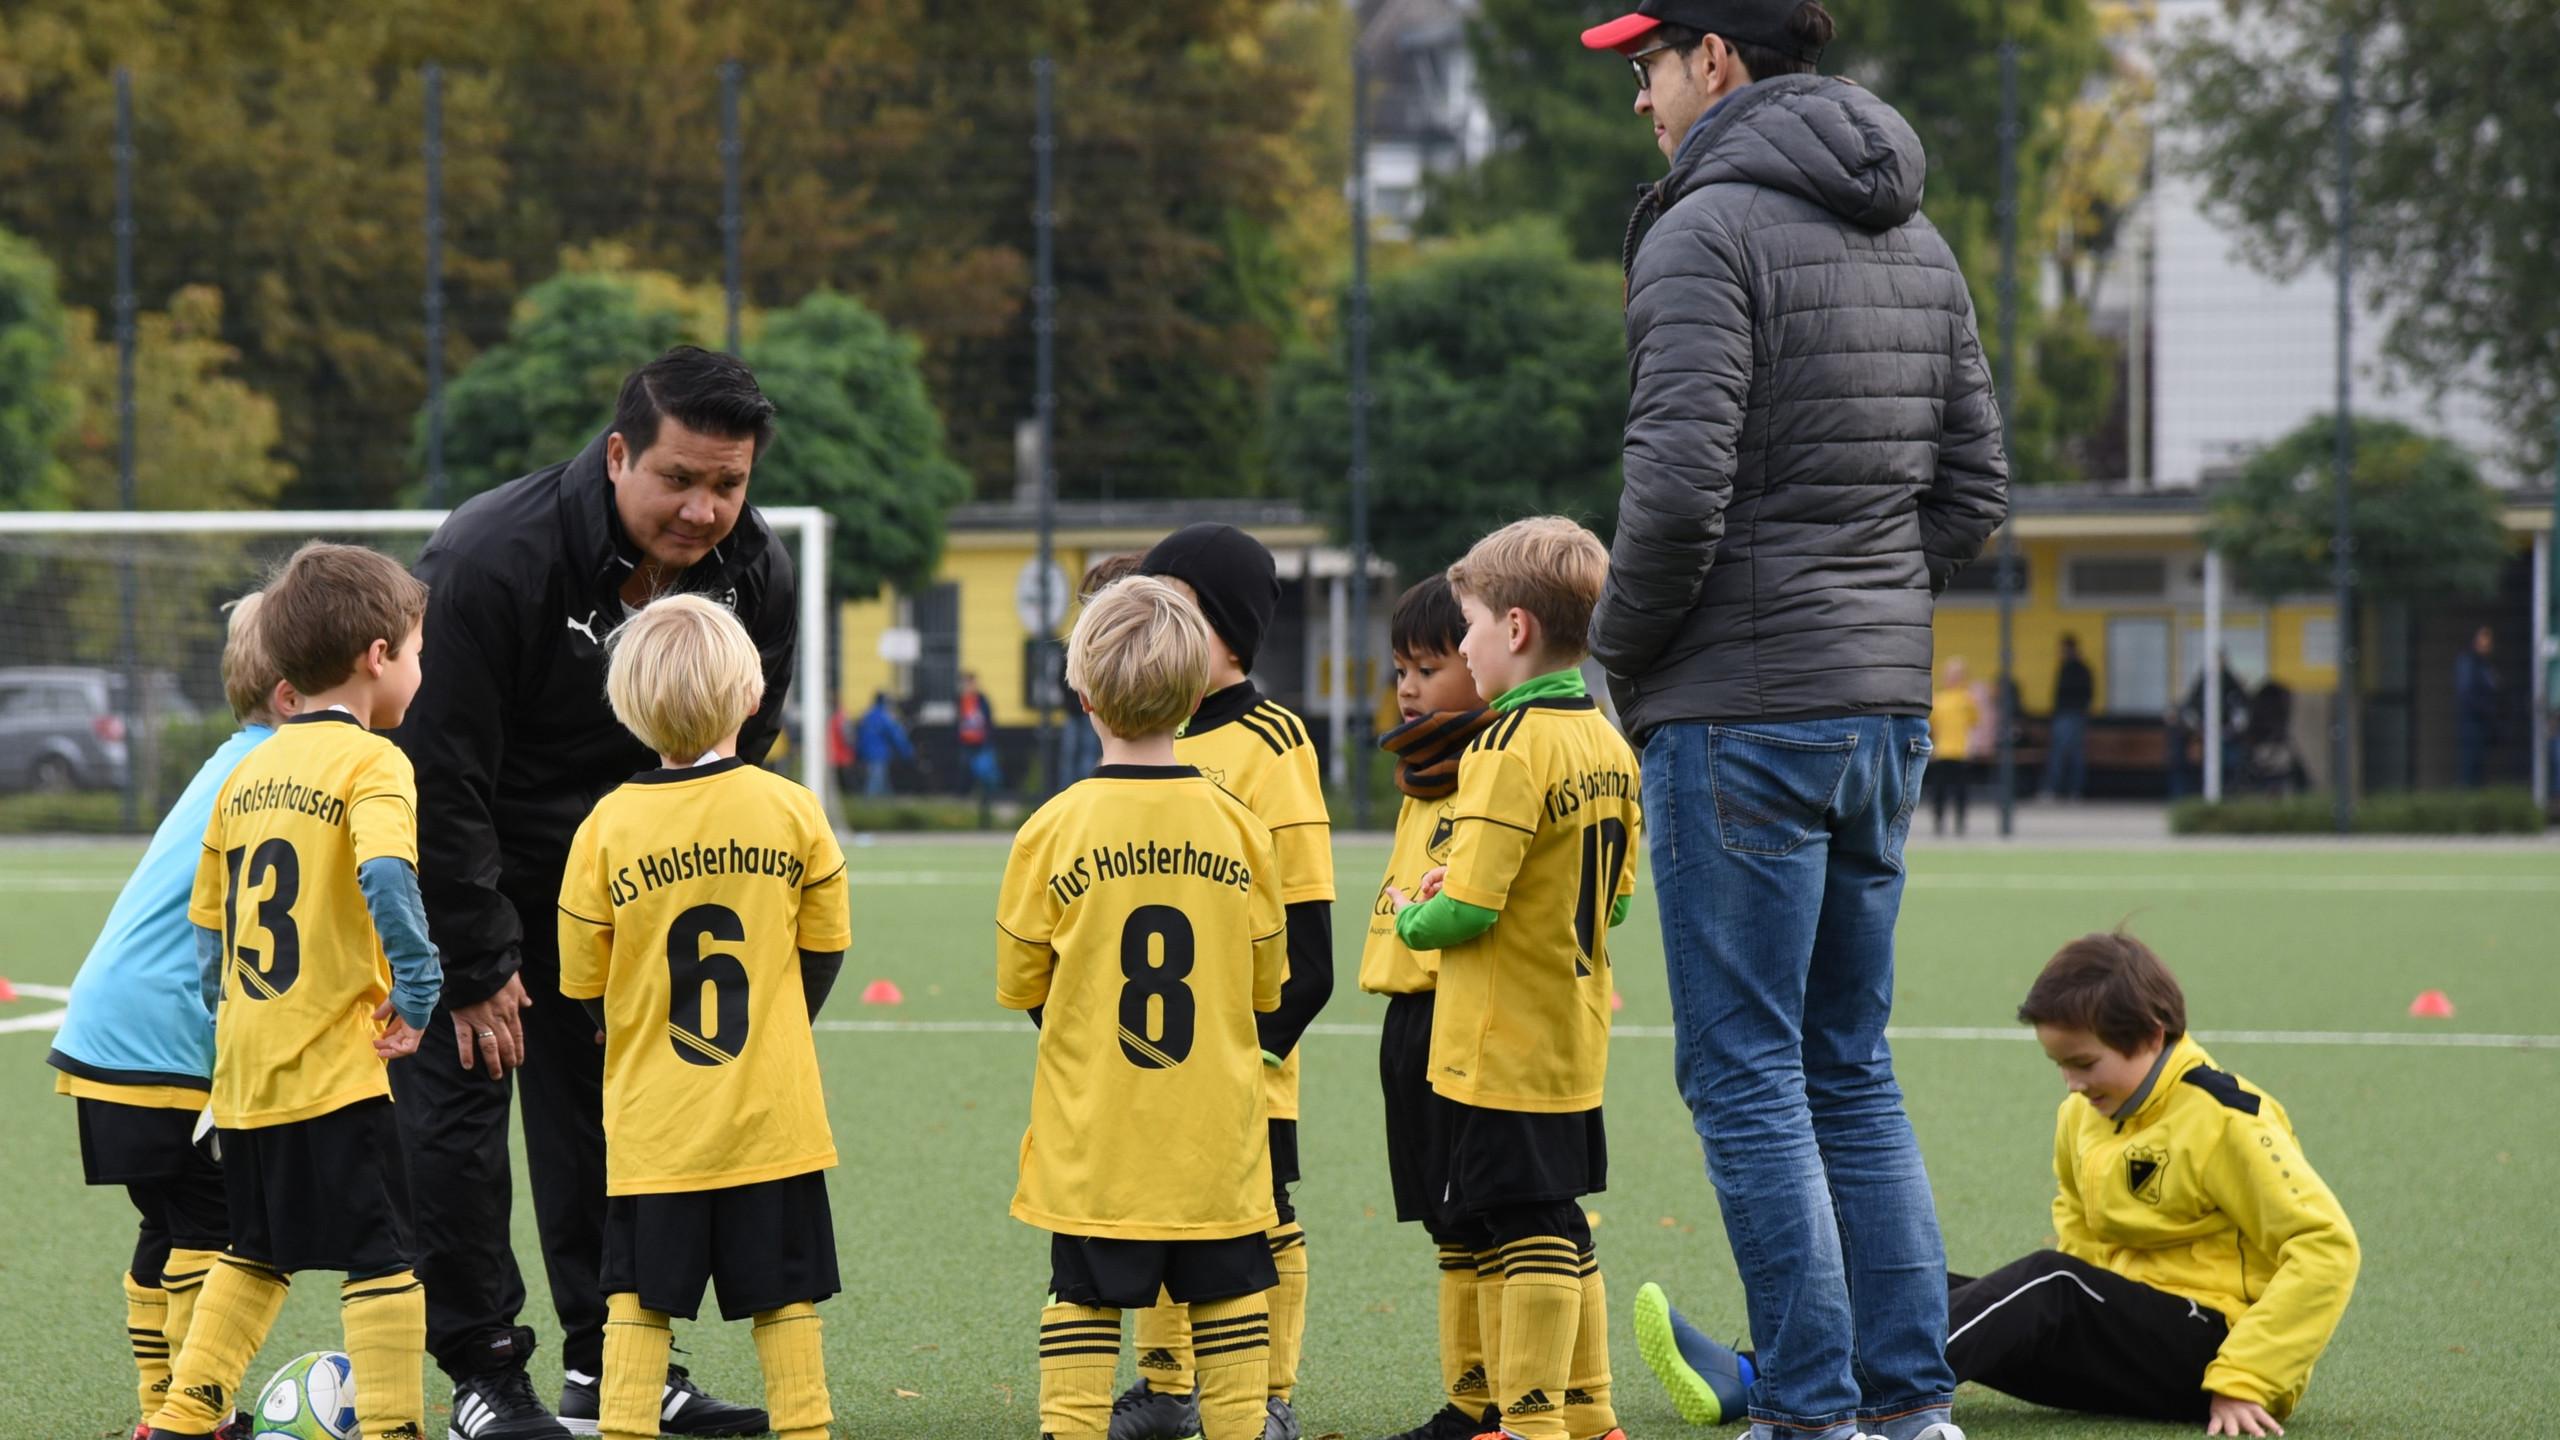 G3 vs Oberhausen 20191005 (24)